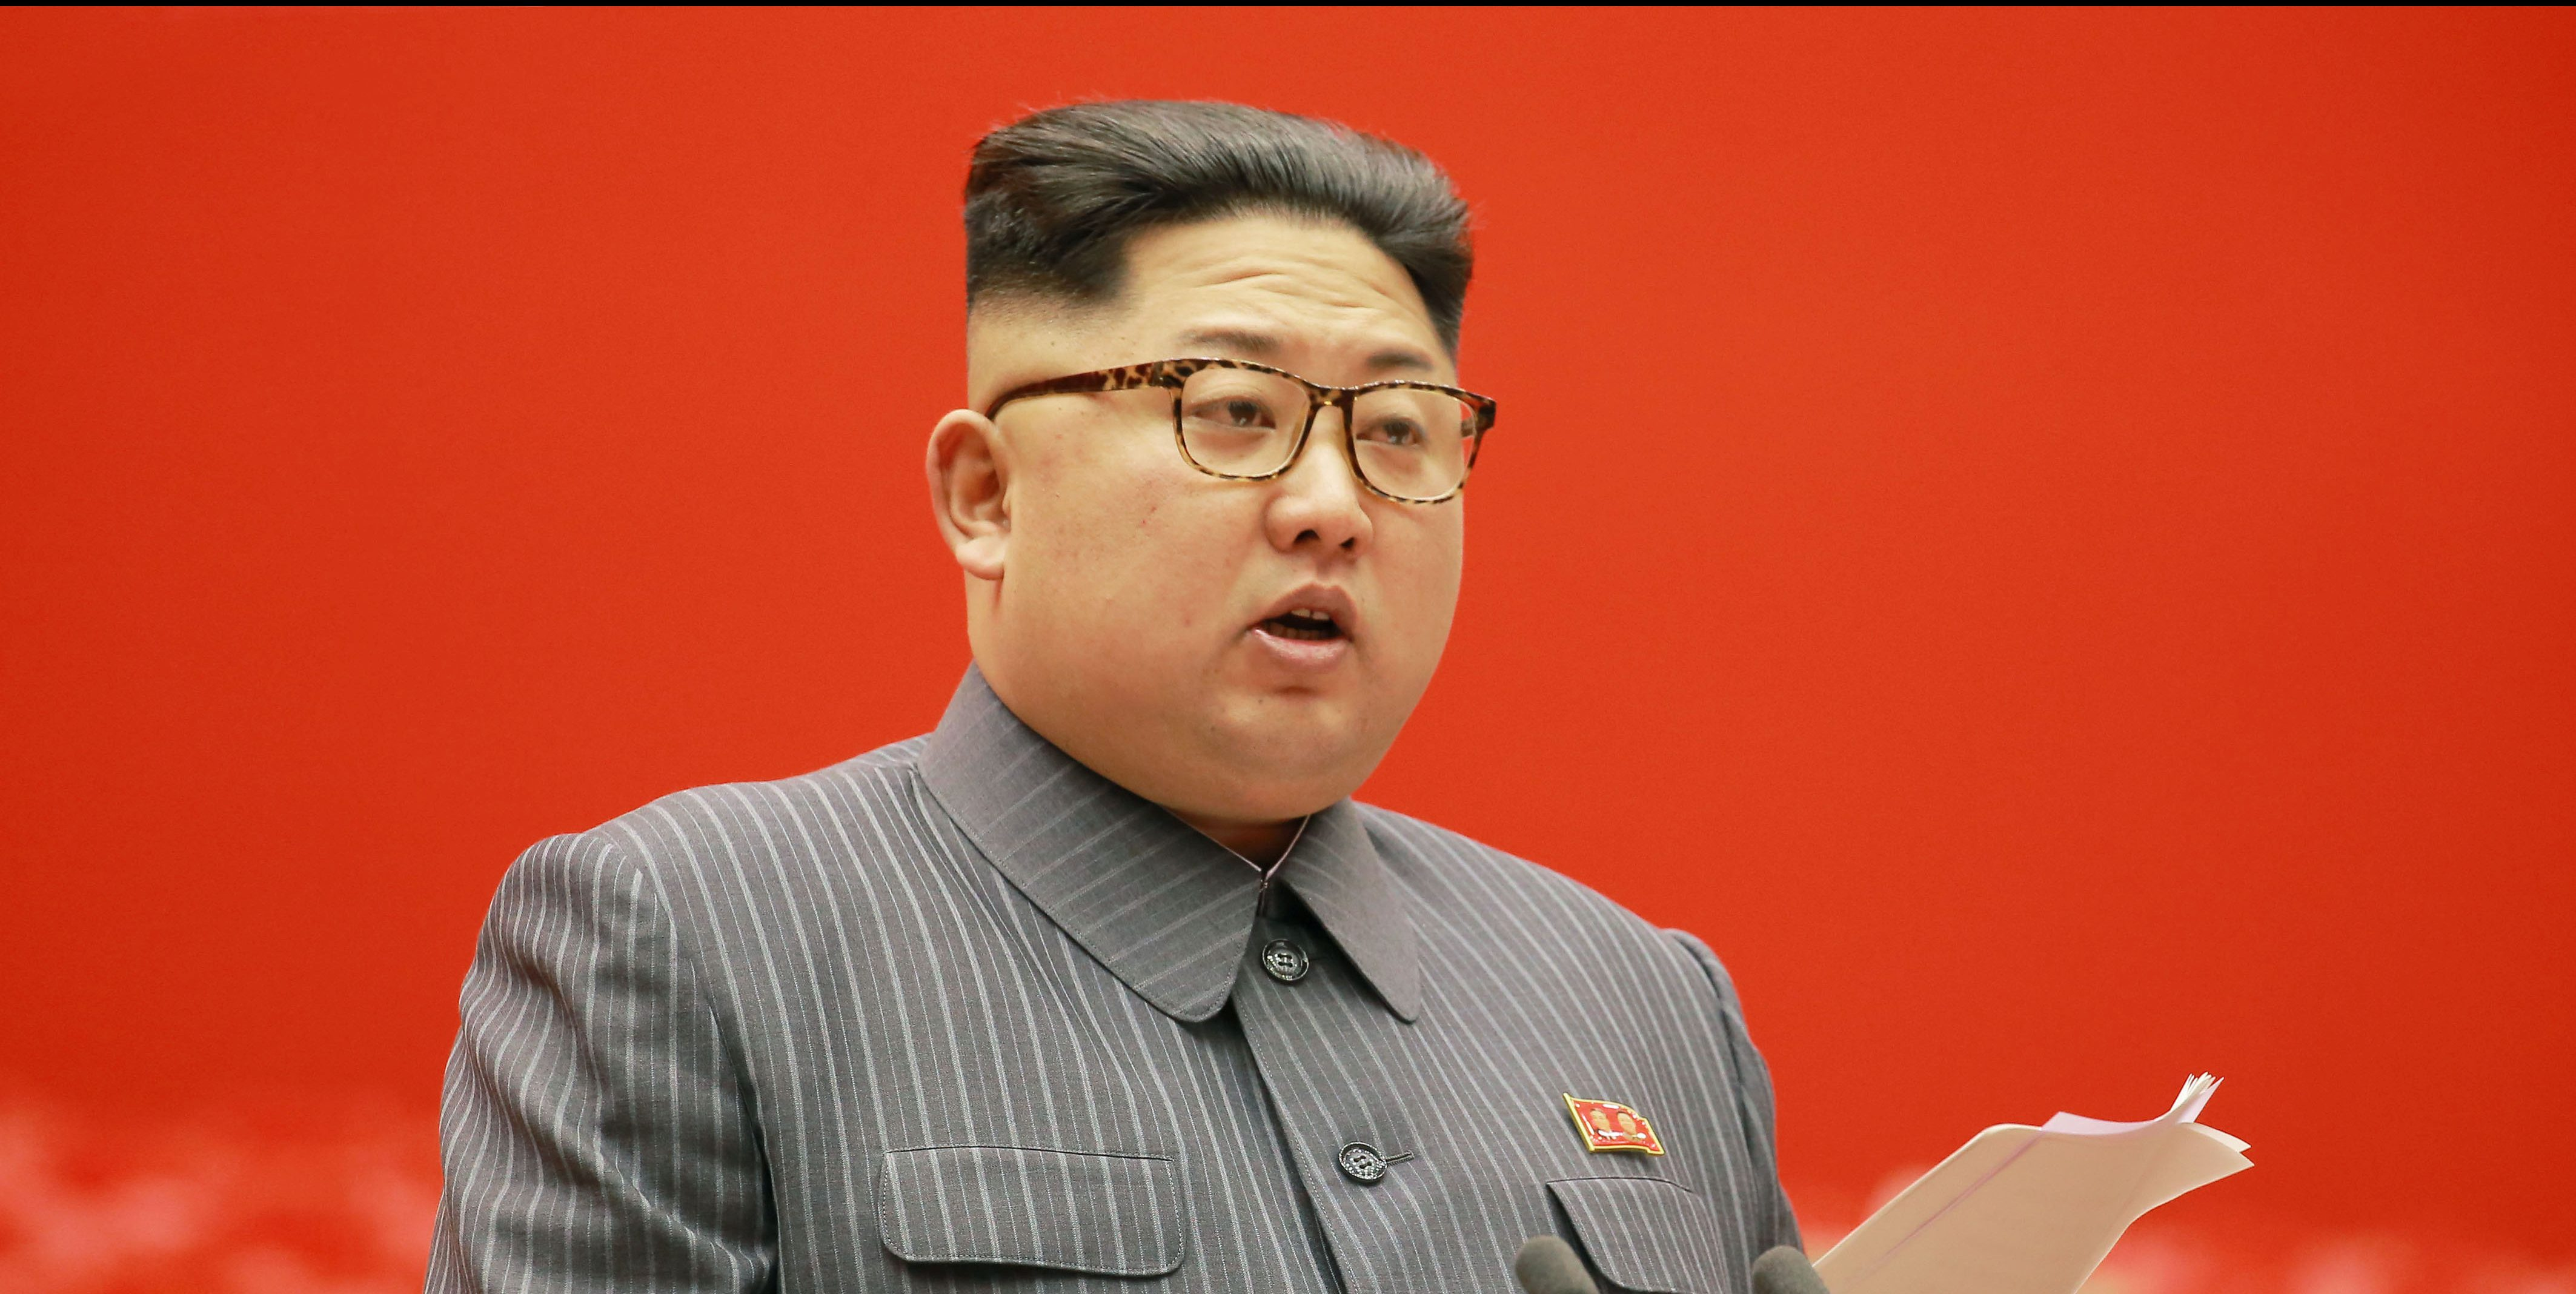 Kim Jong Un Facebook